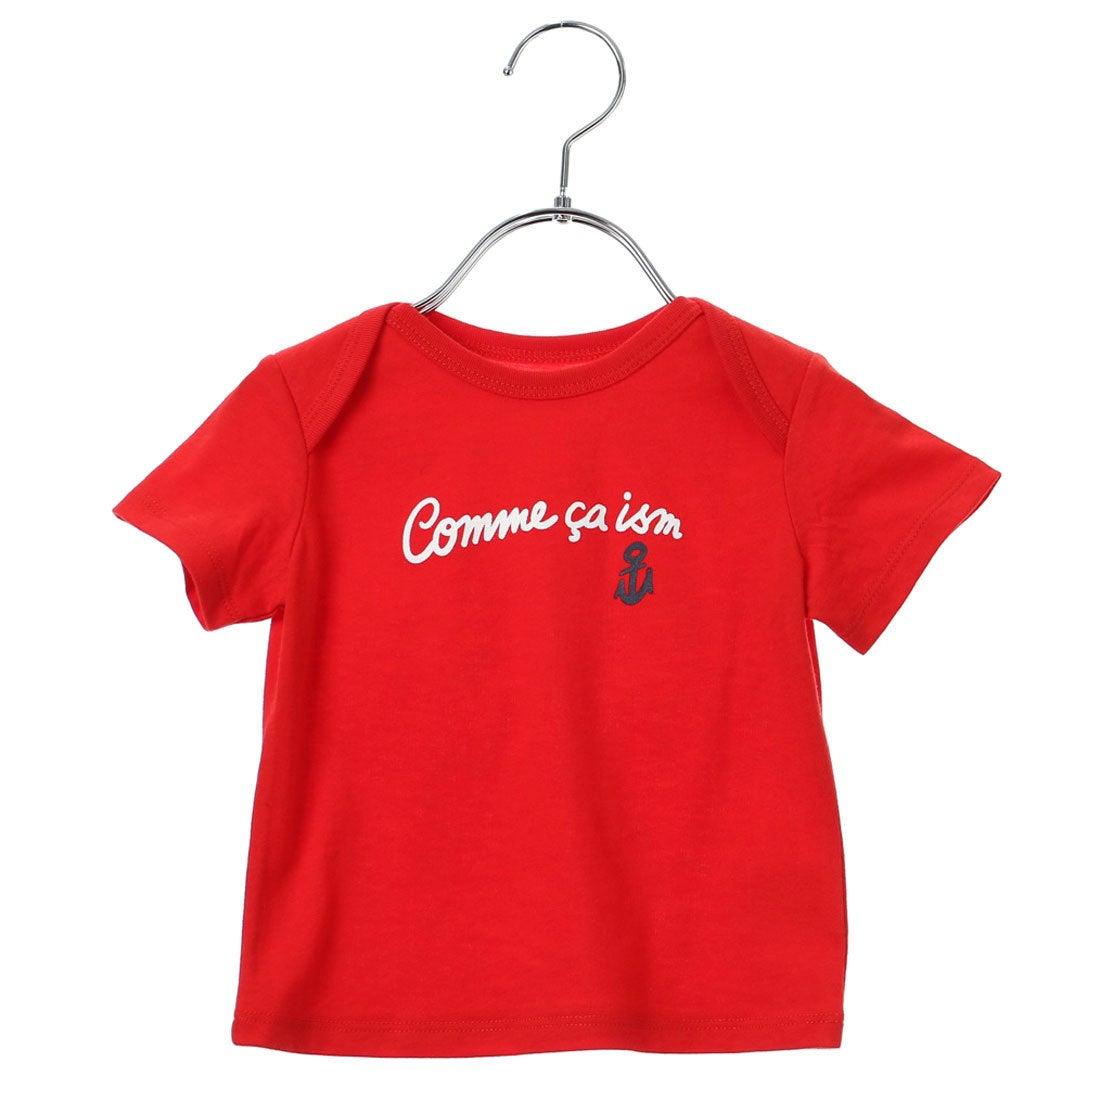 990f4761f0e78 コムサイズム COMME CA ISM ロゴ入り半袖Tシャツ (レッド) -アウトレット通販 ロコレット (LOCOLET)